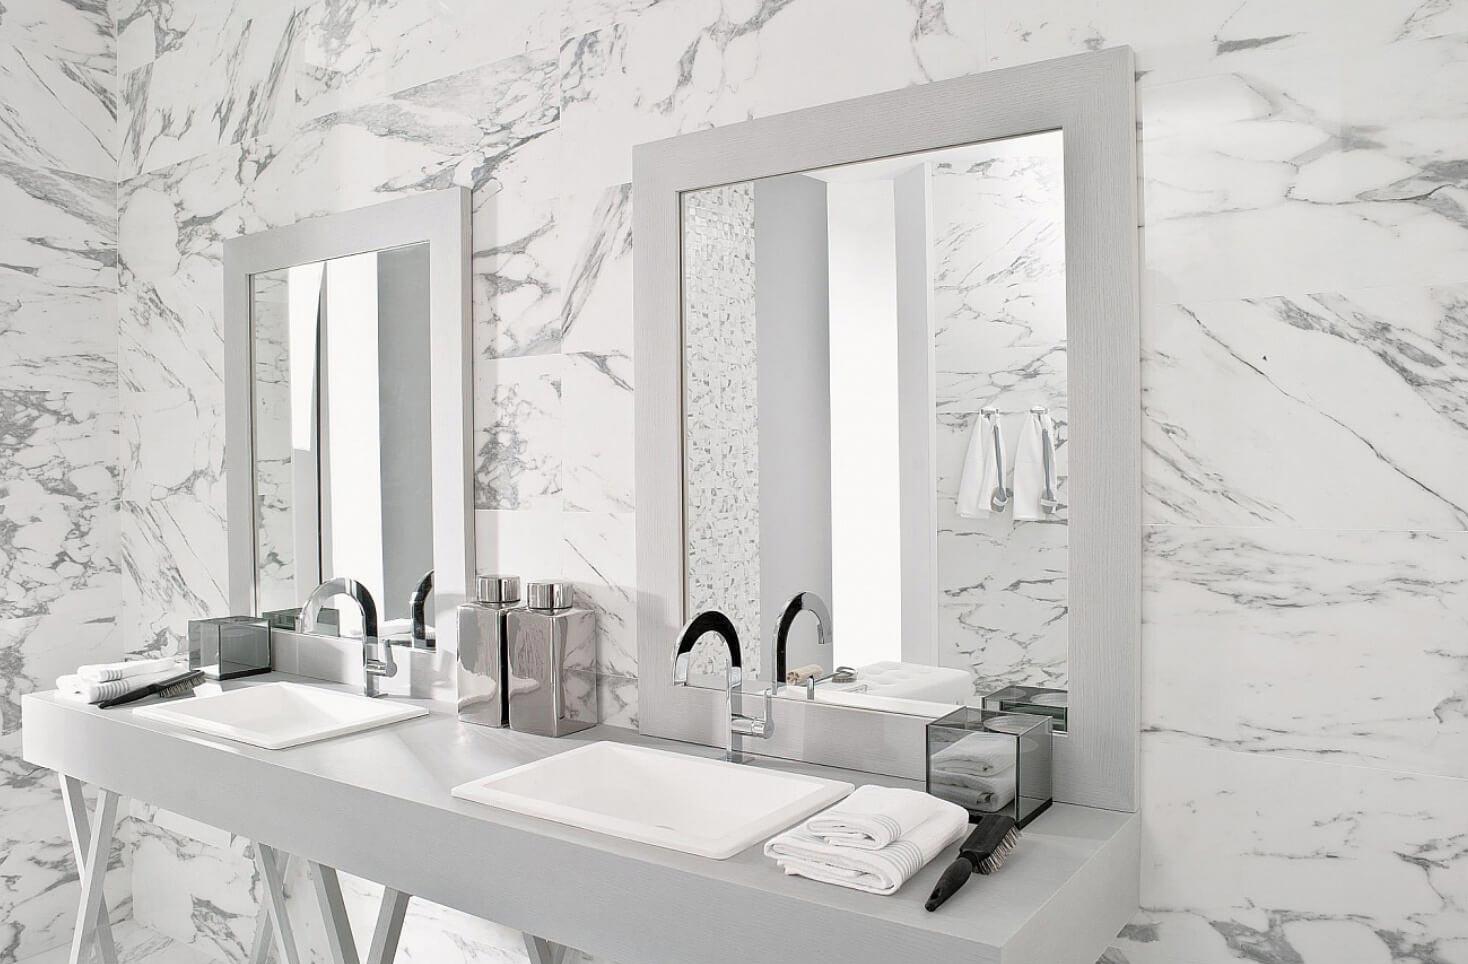 керамическая плитка под мрамор в ванной